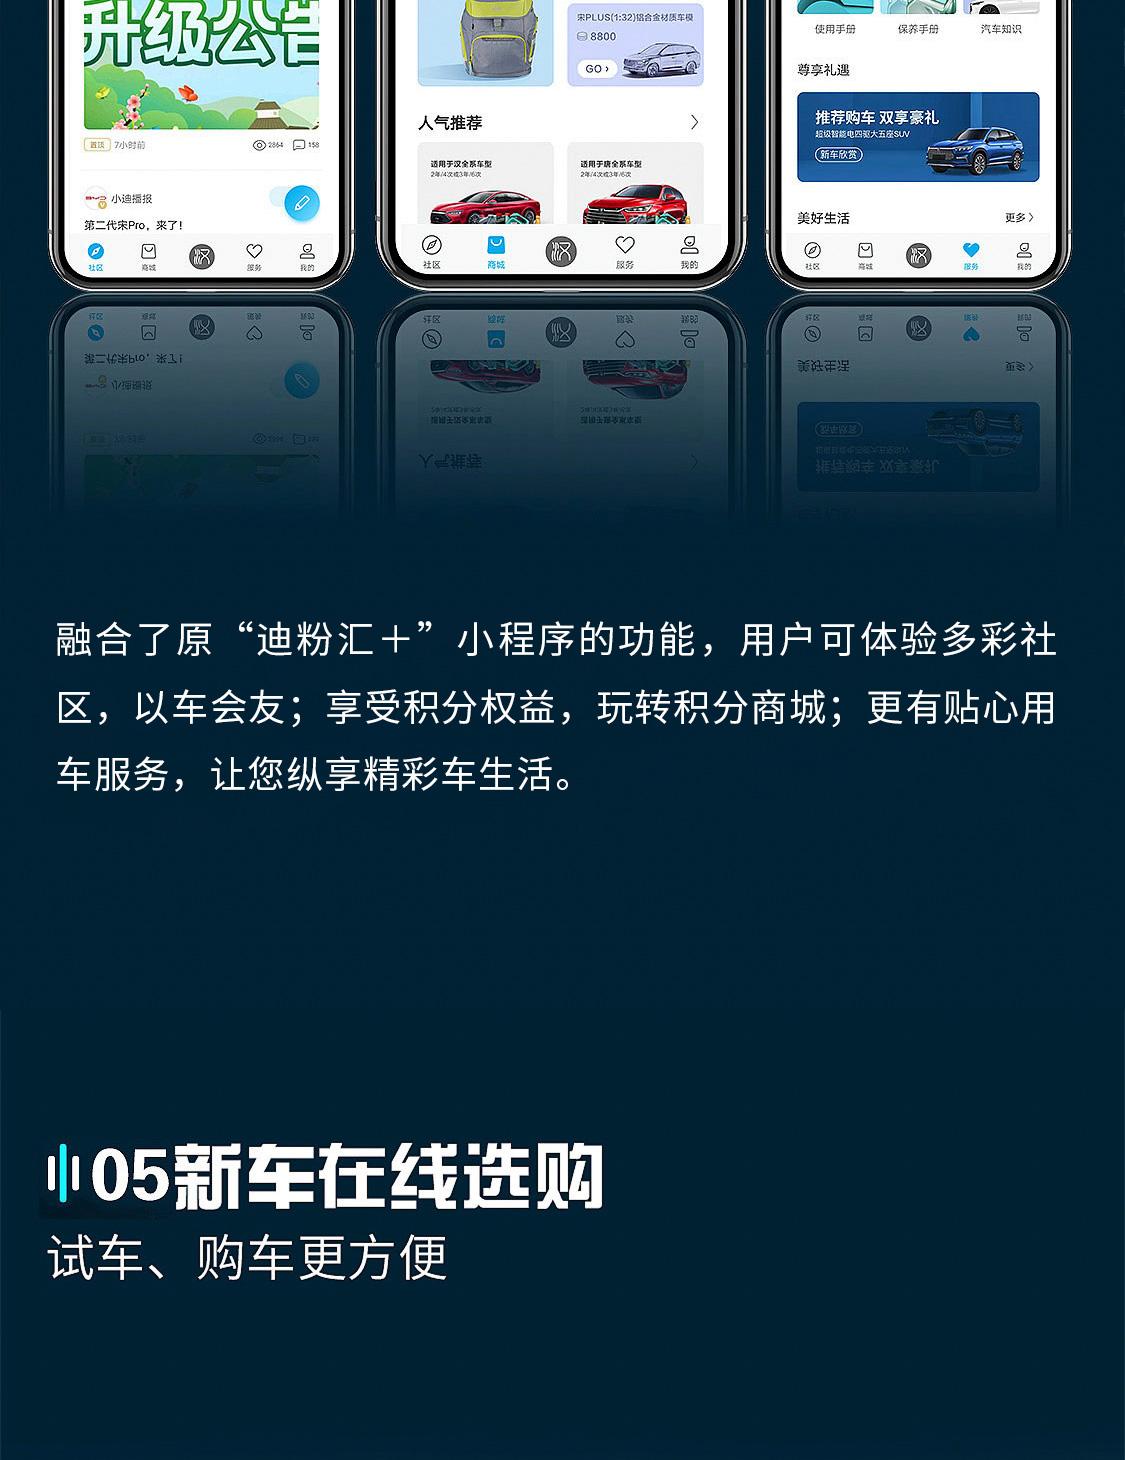 比亚迪汽车App正式上线 一键开启精彩车生活